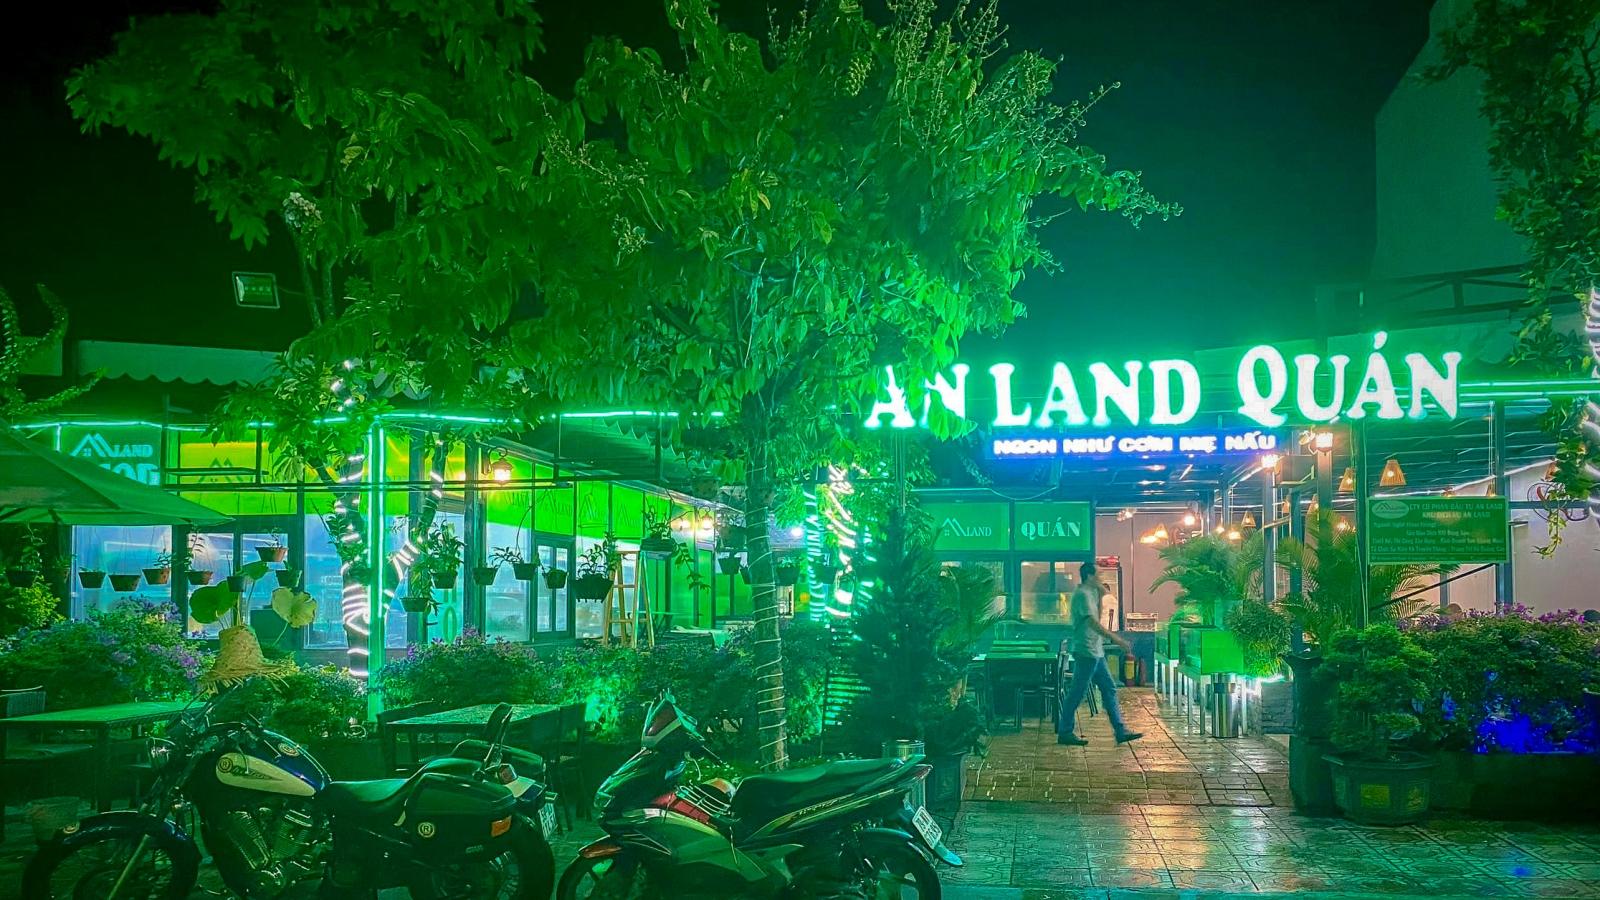 Hương vị Việt ở An Land Quán